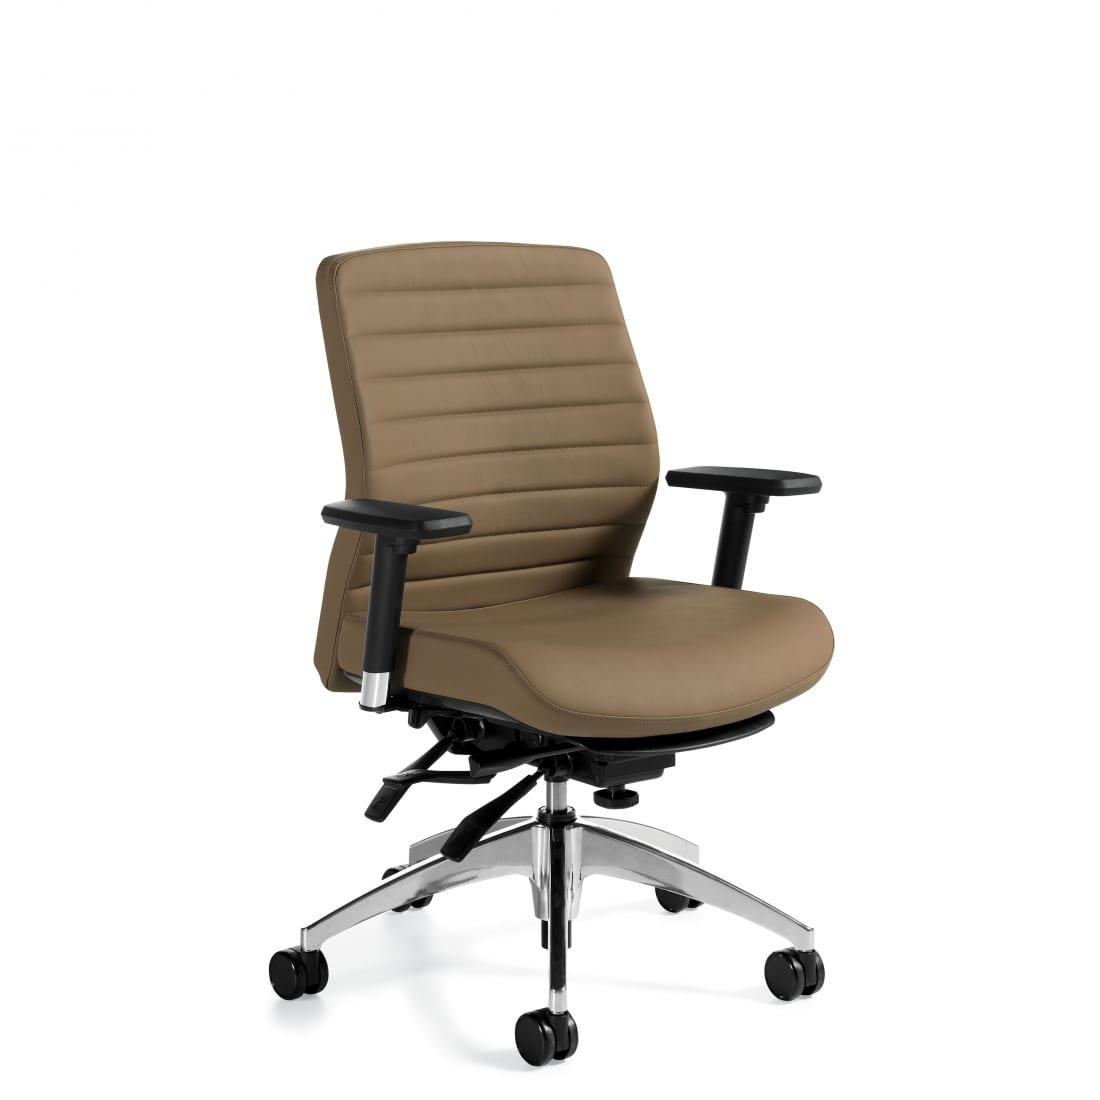 furniture item